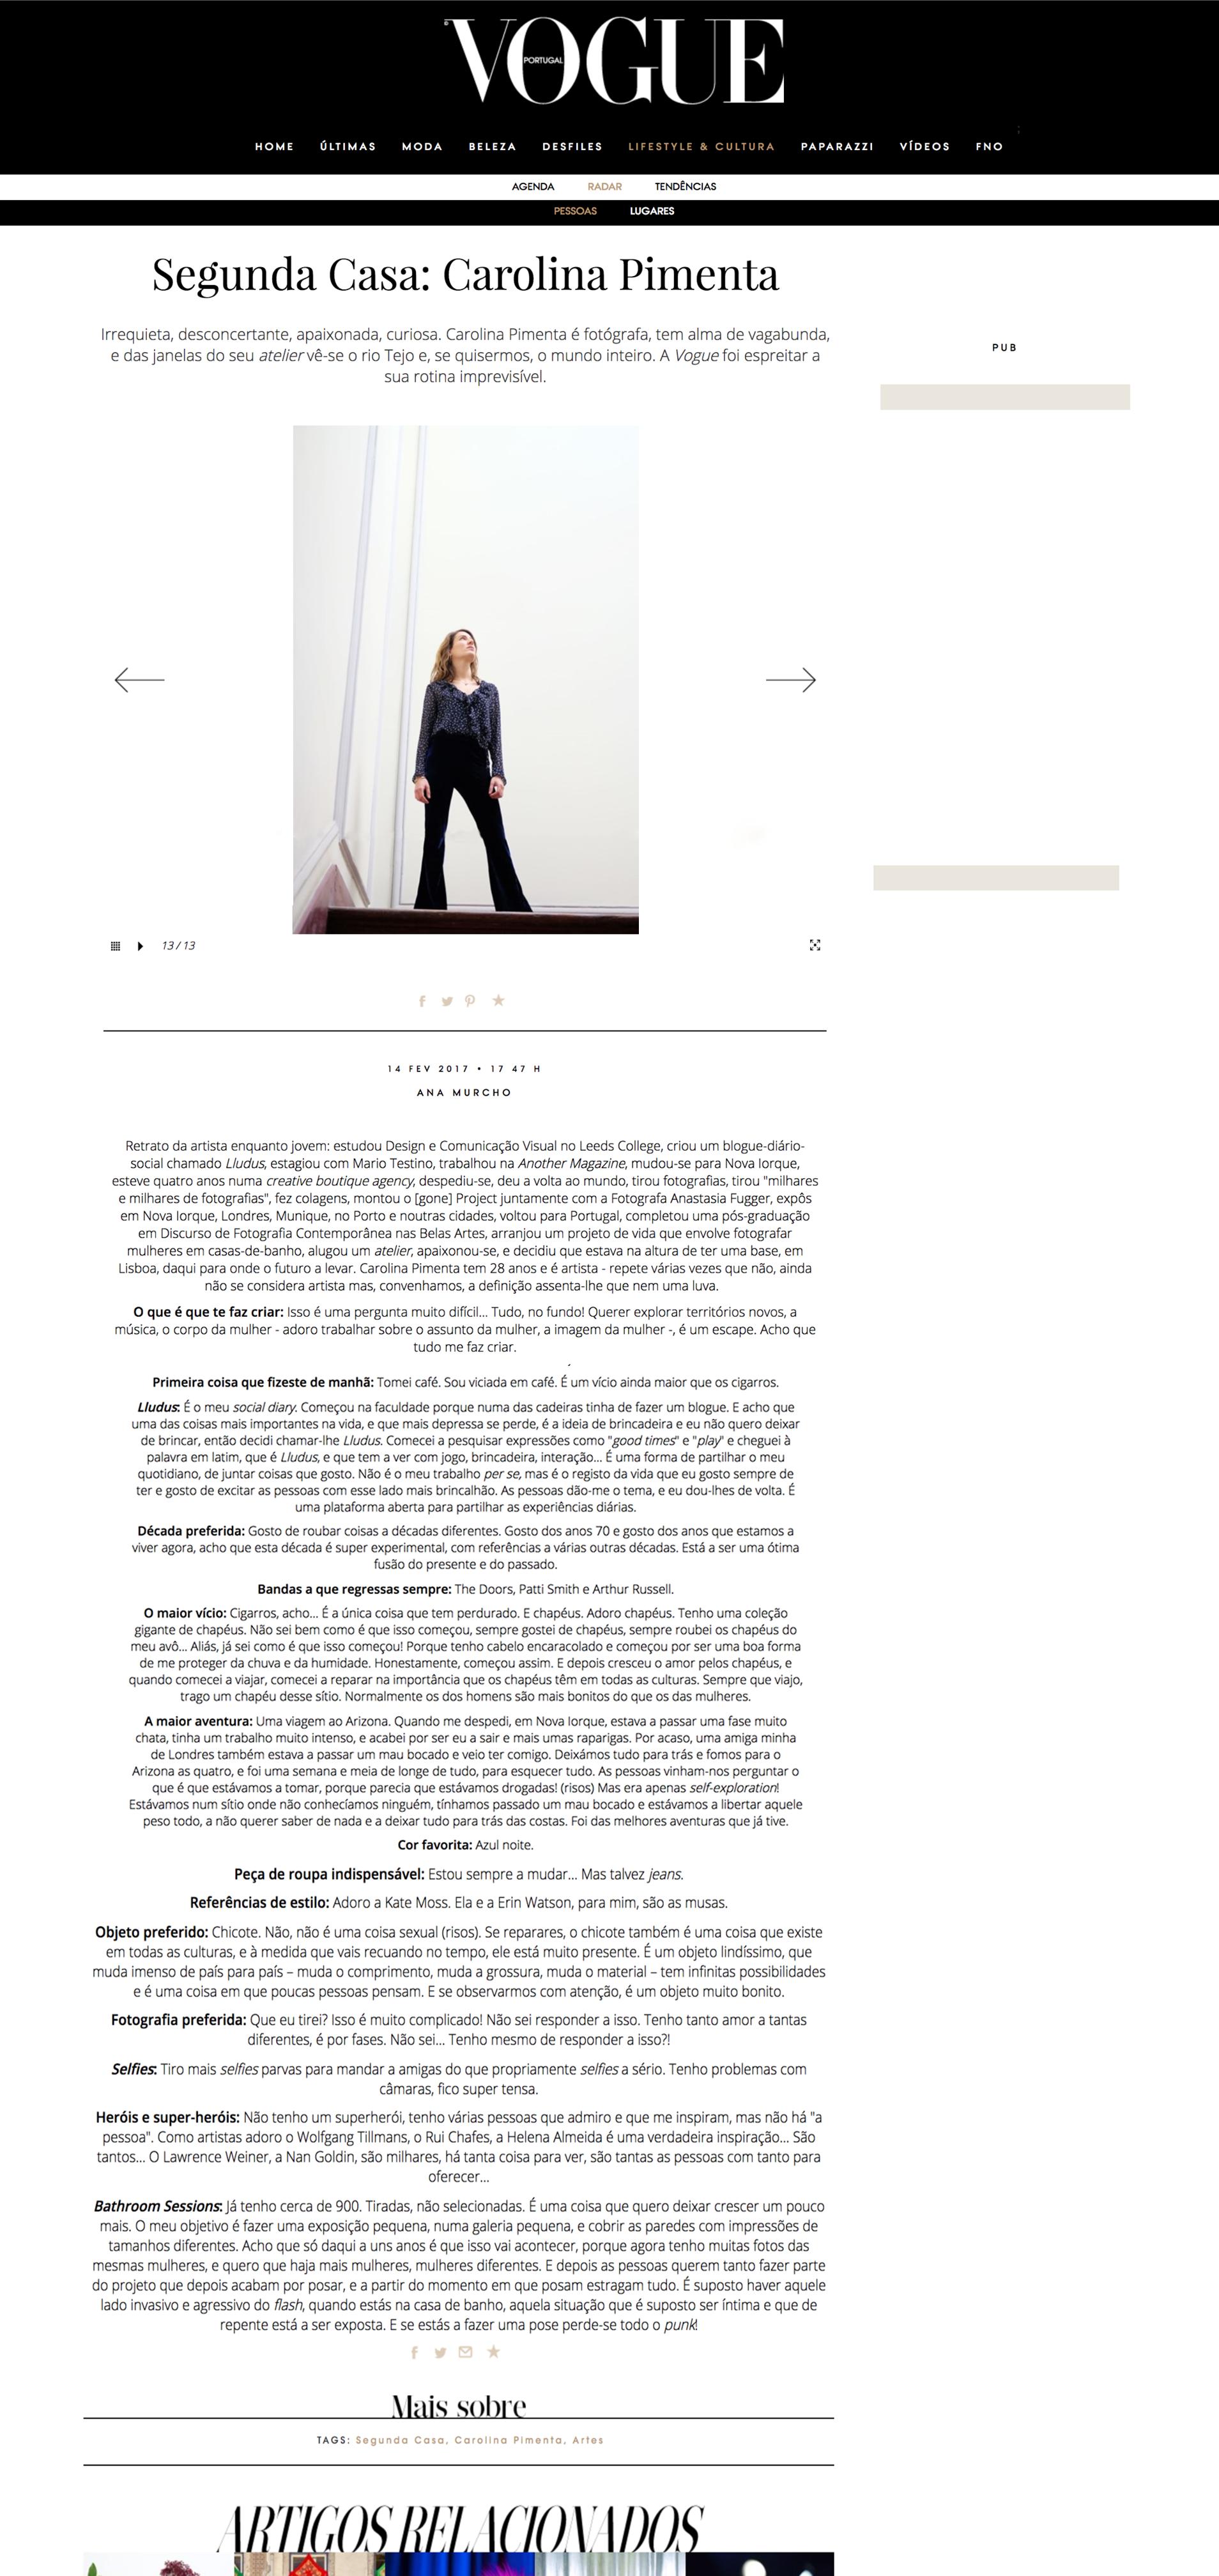 Segunda Casa- Carolina Pimenta, Vogue Portugal, February 2017.png